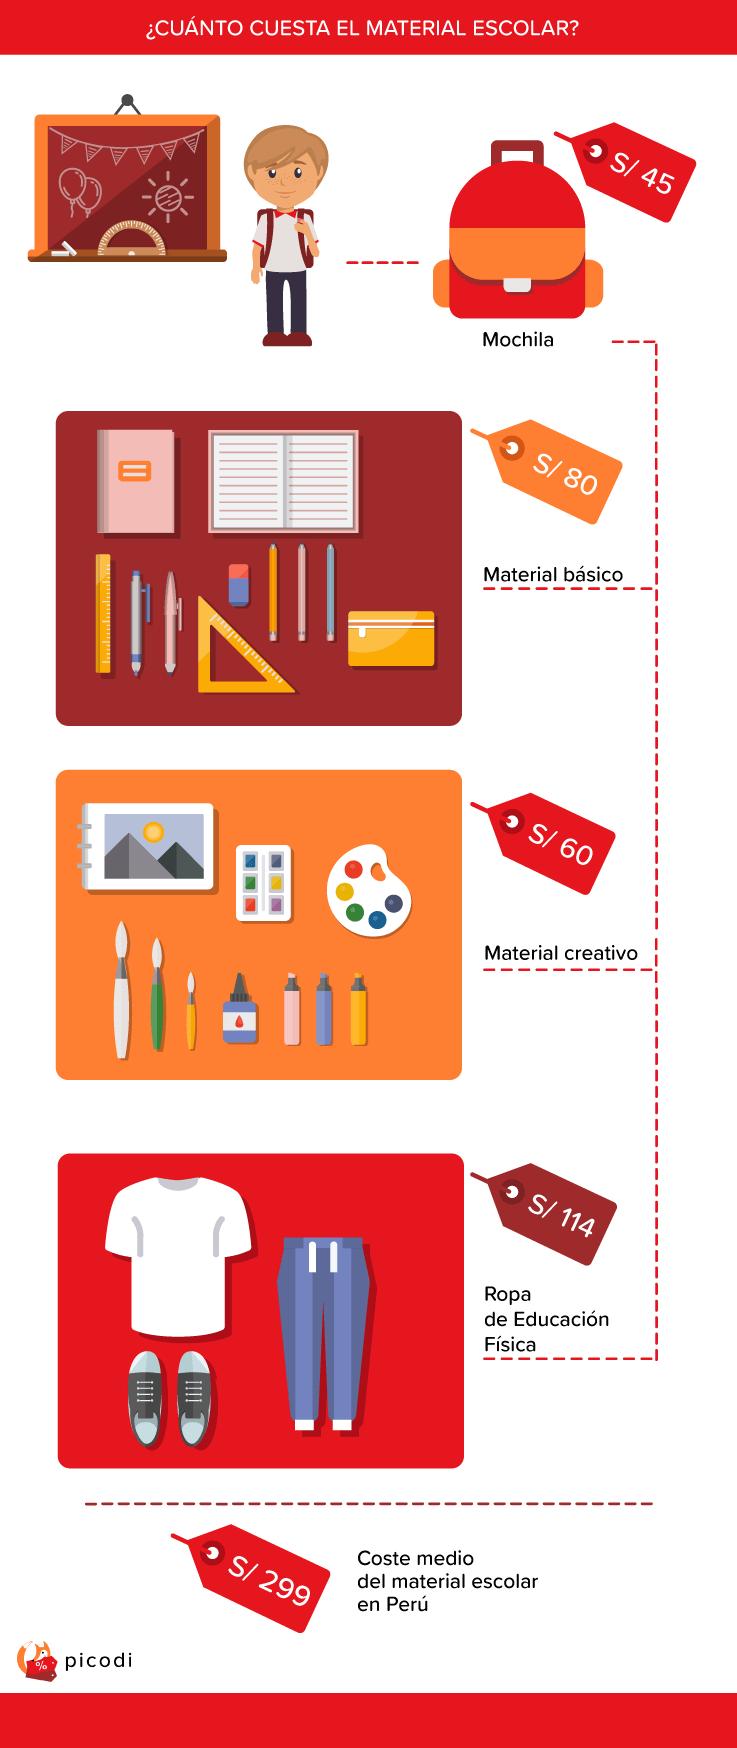 tiles escolares en Perú - ¿Cuánto gastan los peruanos en útiles escolares?